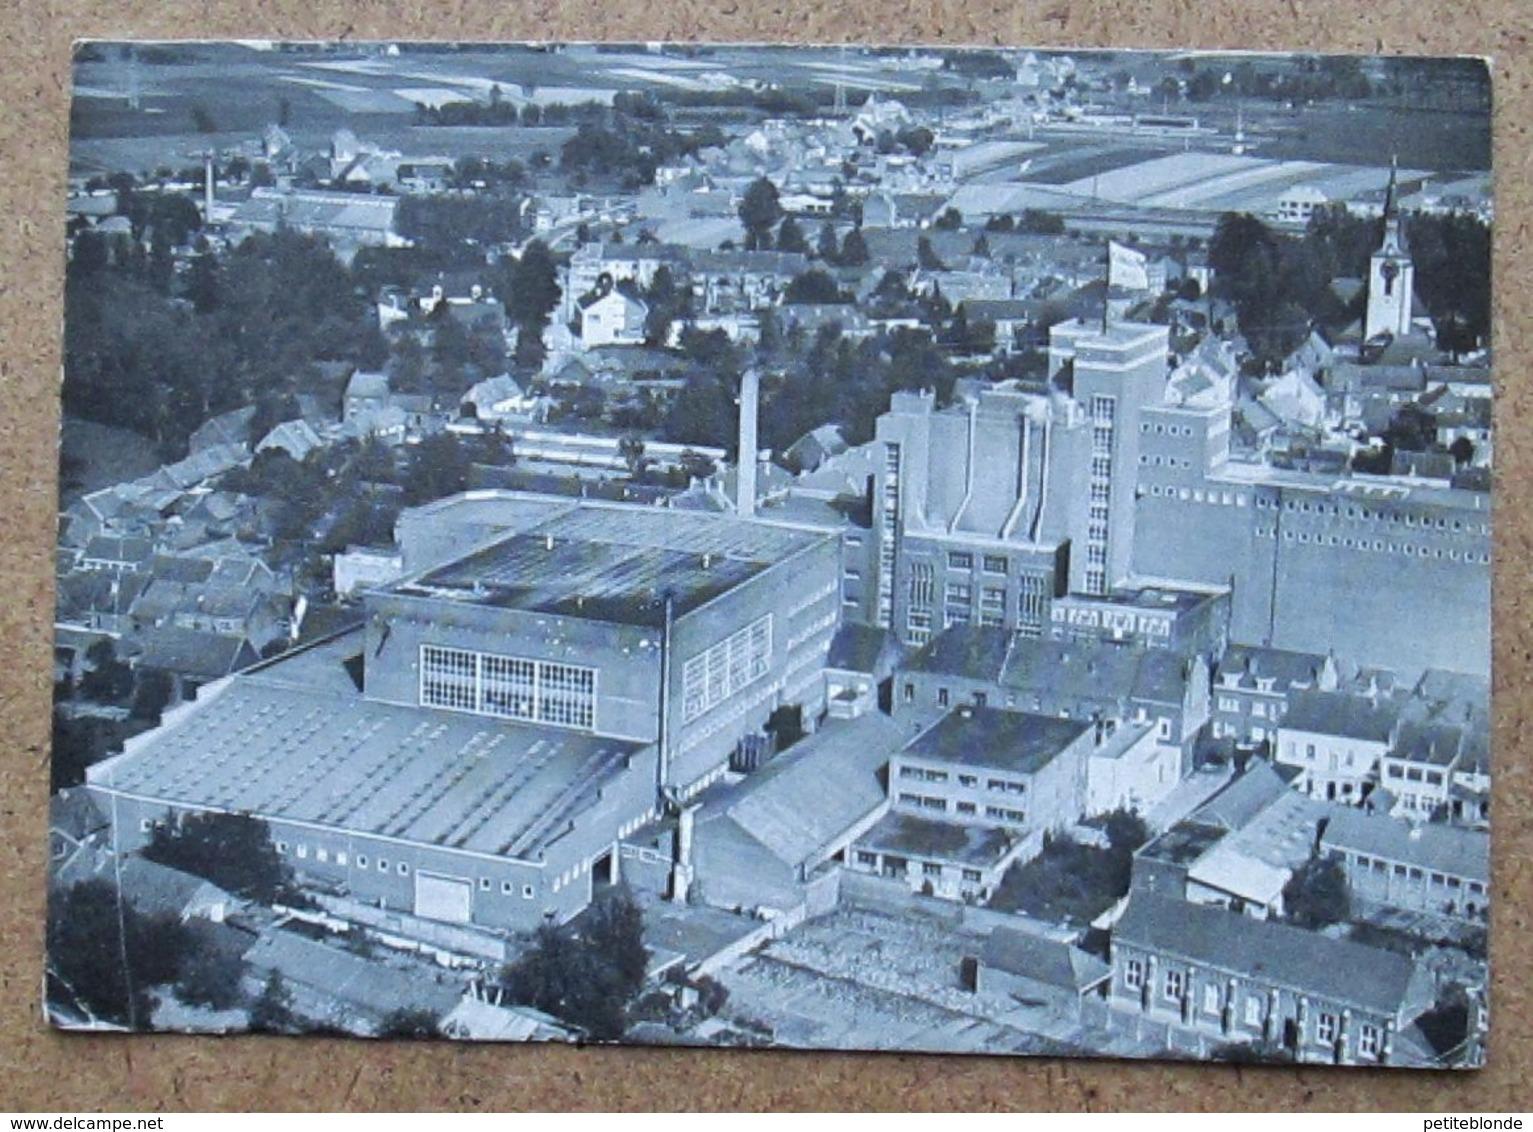 (K148) - Luchtfoto Van De Brouwerij Martinas - Foto Poncin, Brussel - Merchtem